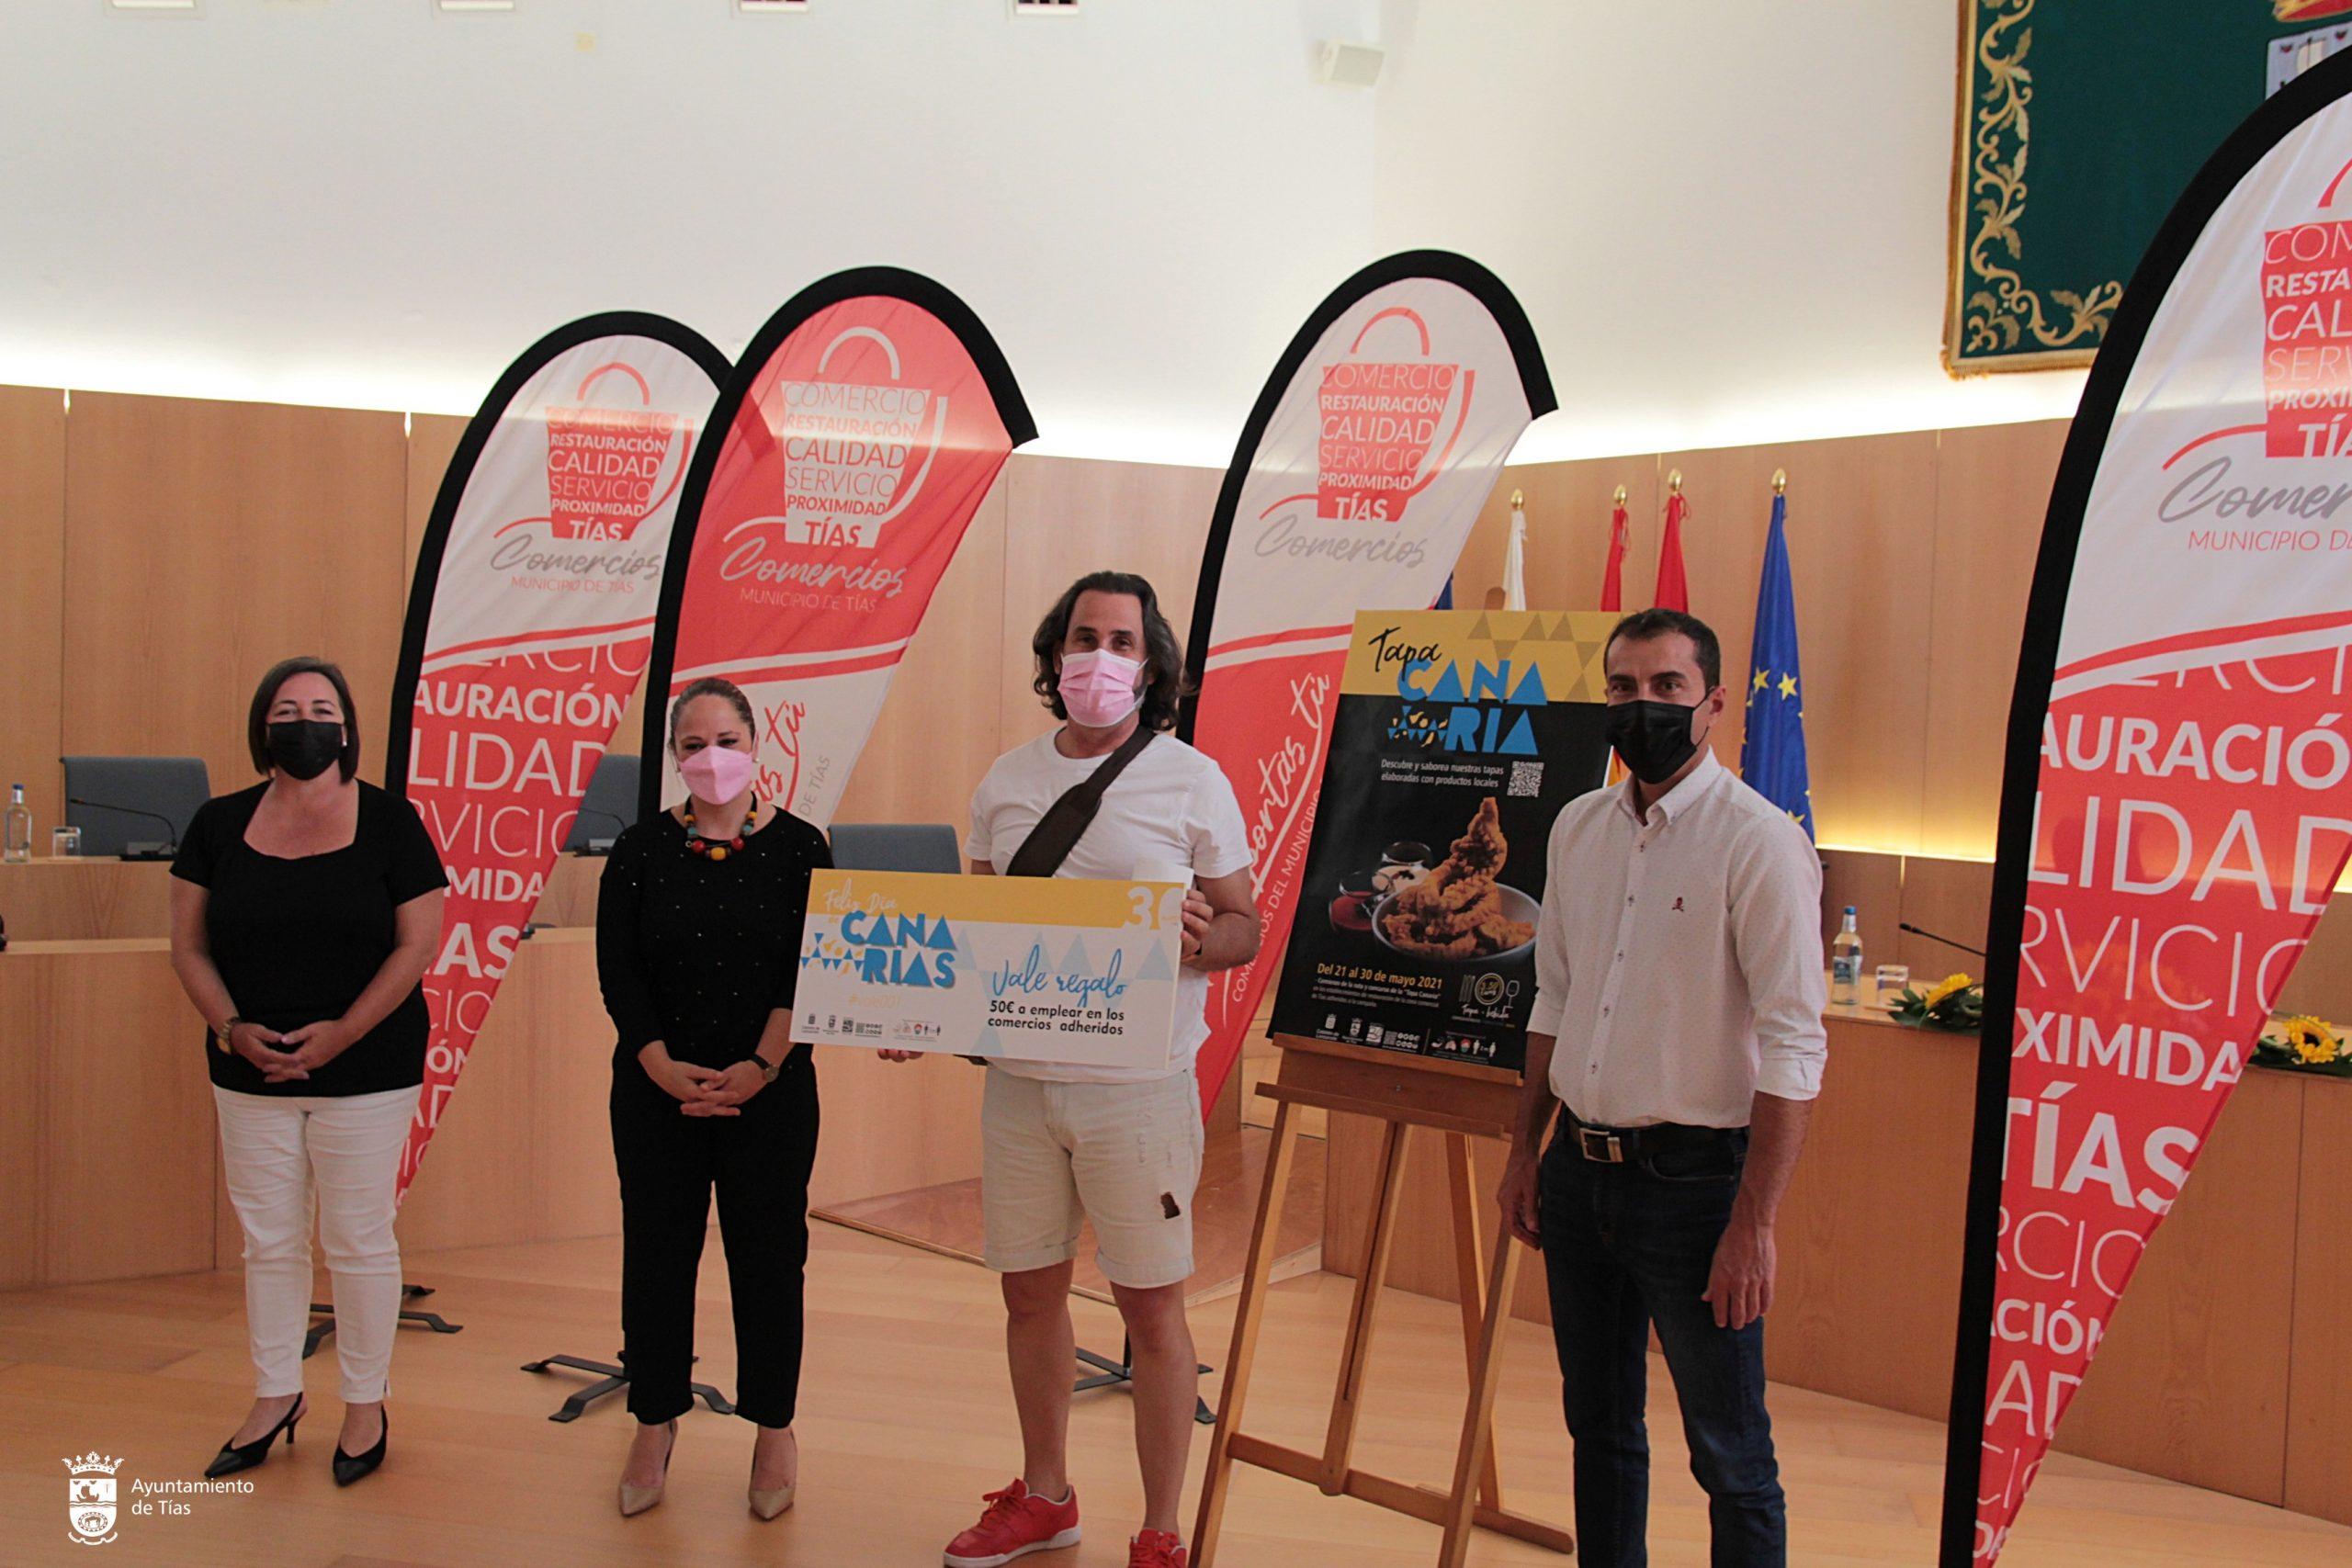 Entrega de premios a los comercios y participantes en la ruta de la tapa canaria de Tías